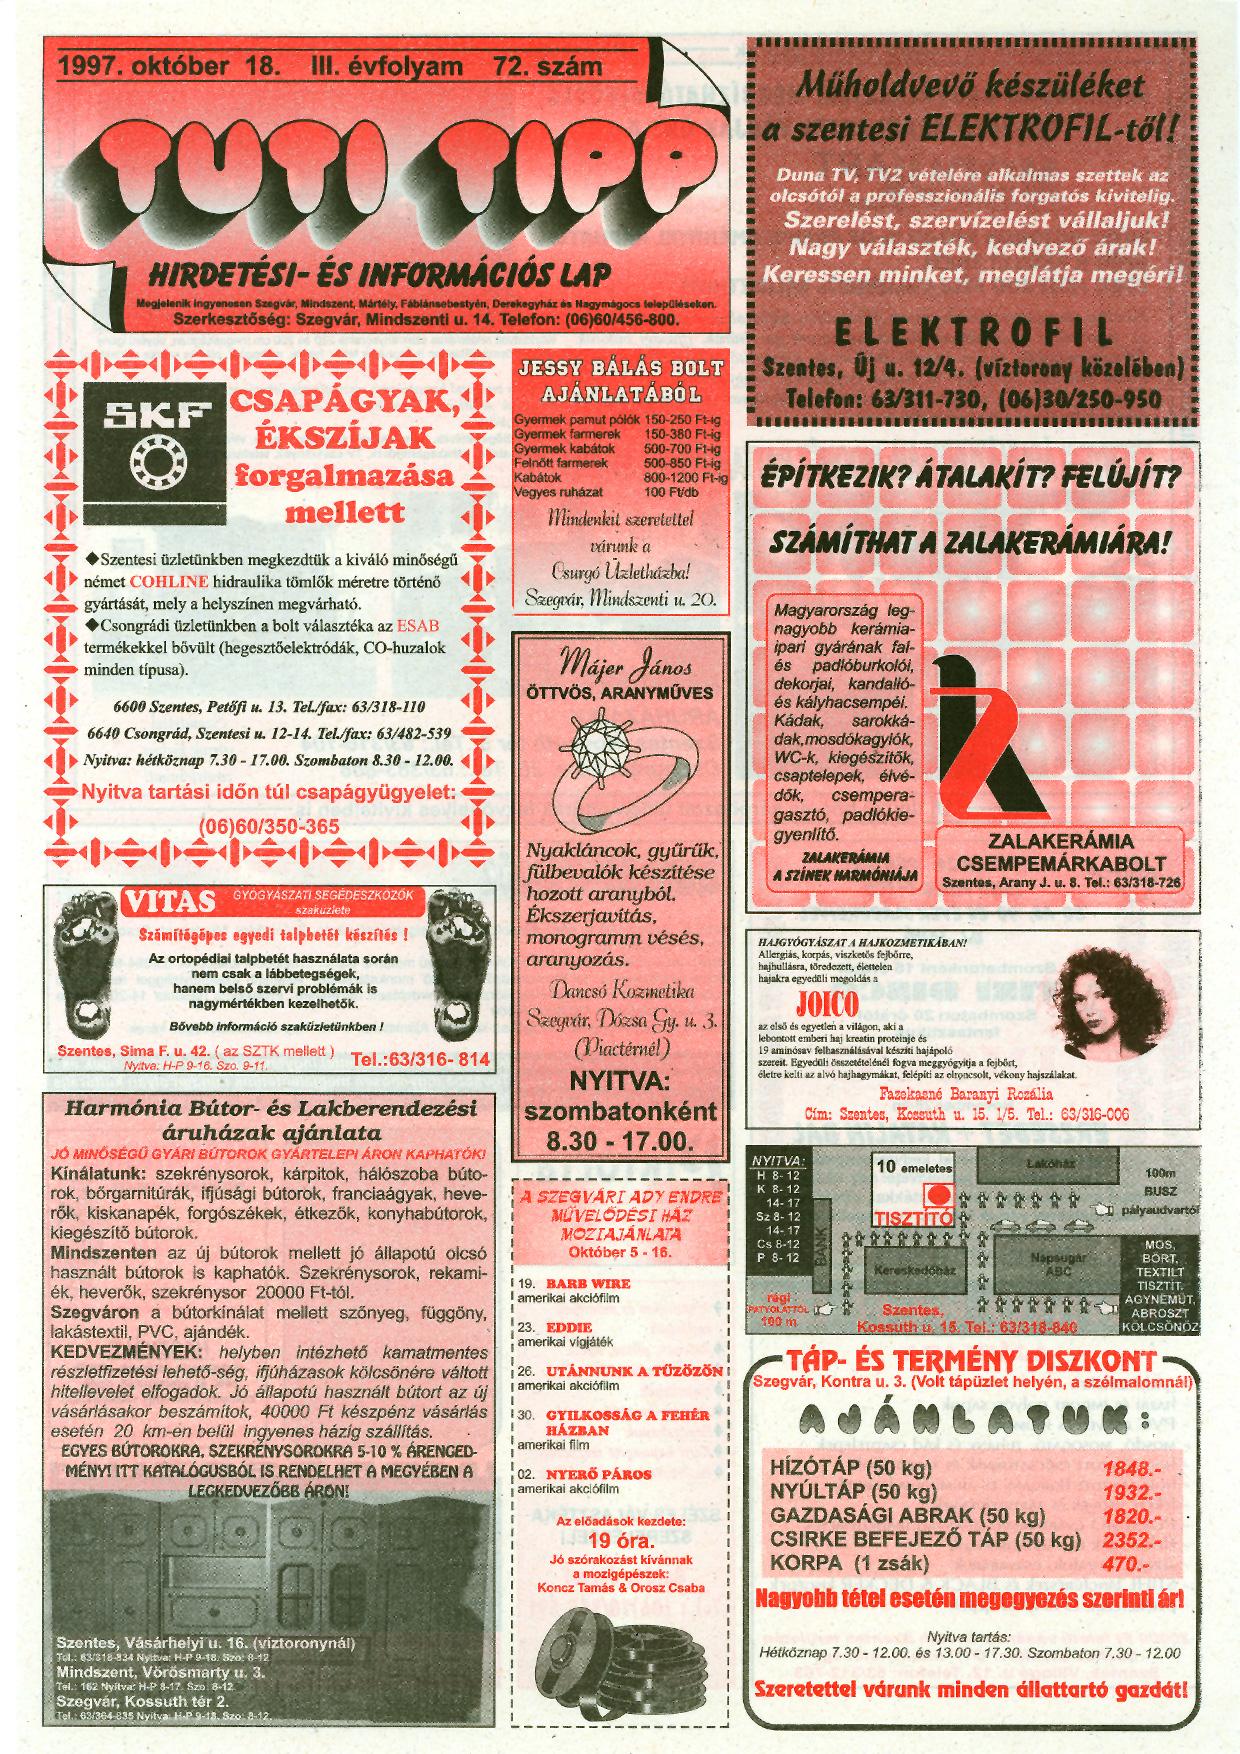 039 Tuti Tipp reklámújság - 19971018-072. lapszám - 1.oldal - III. évfolyam.jpg